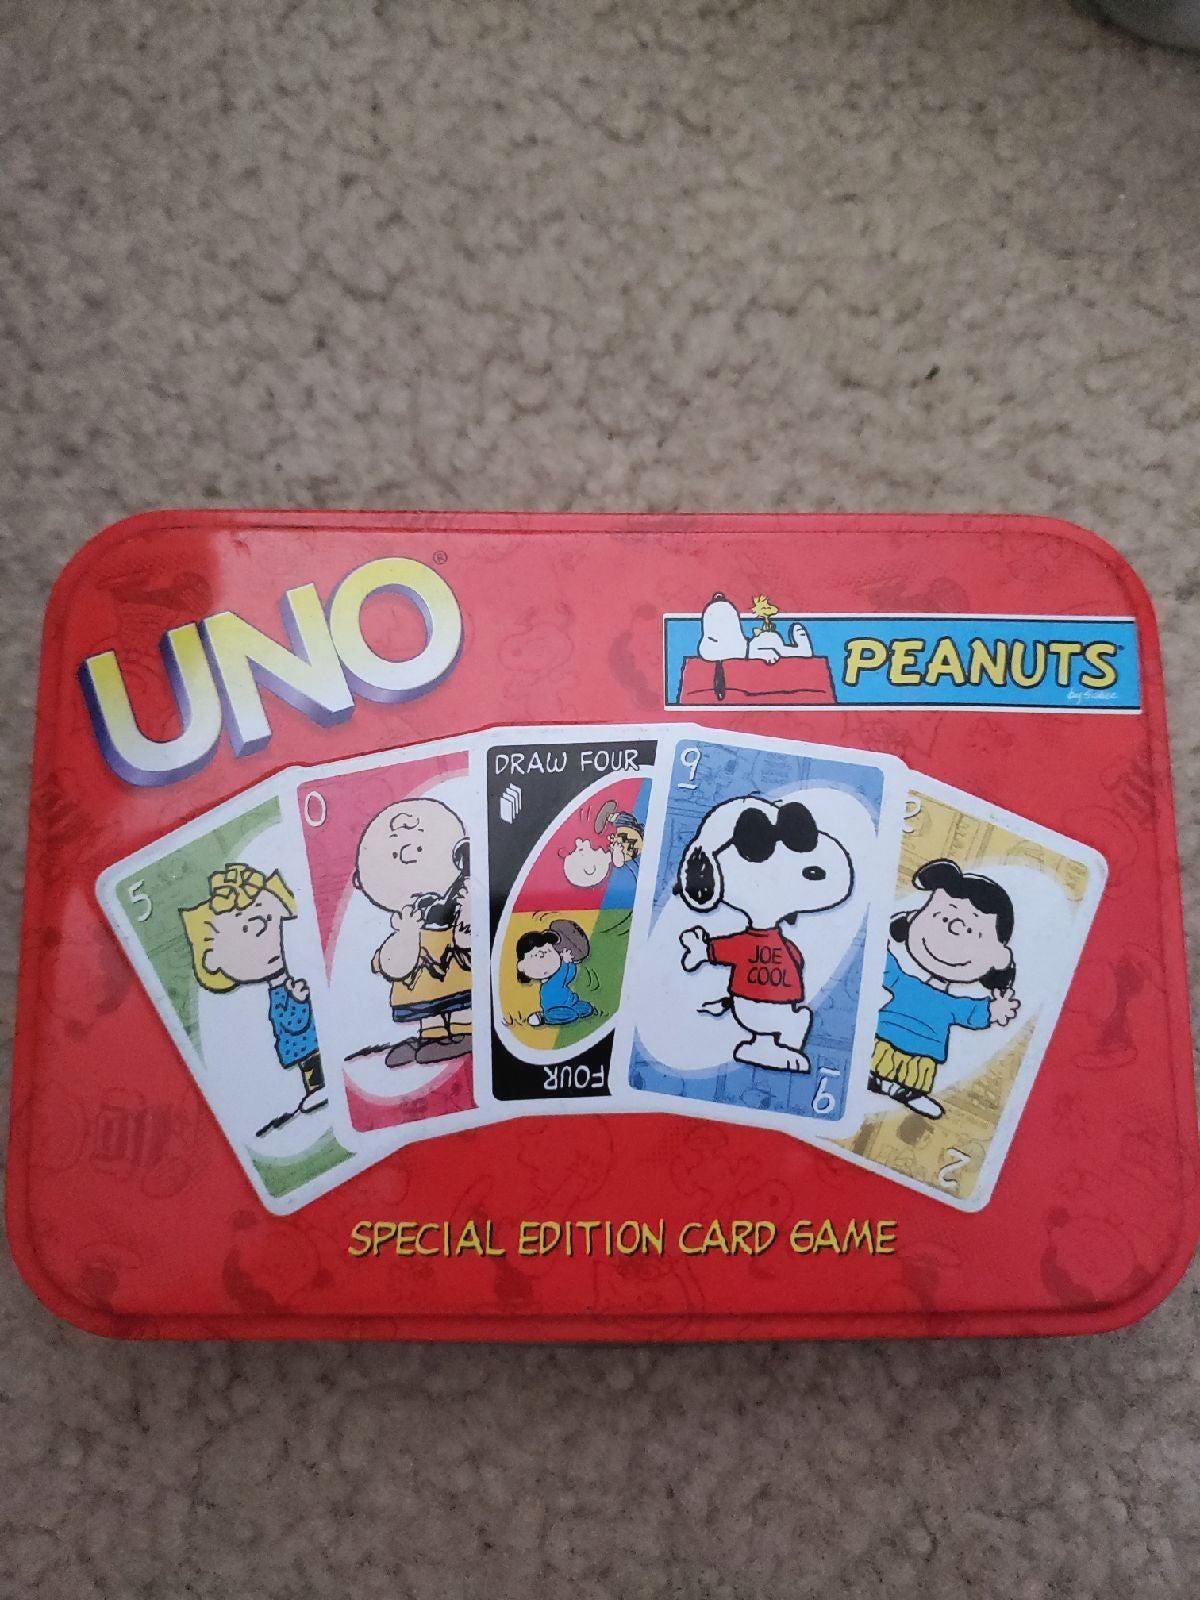 Peanuts UNO